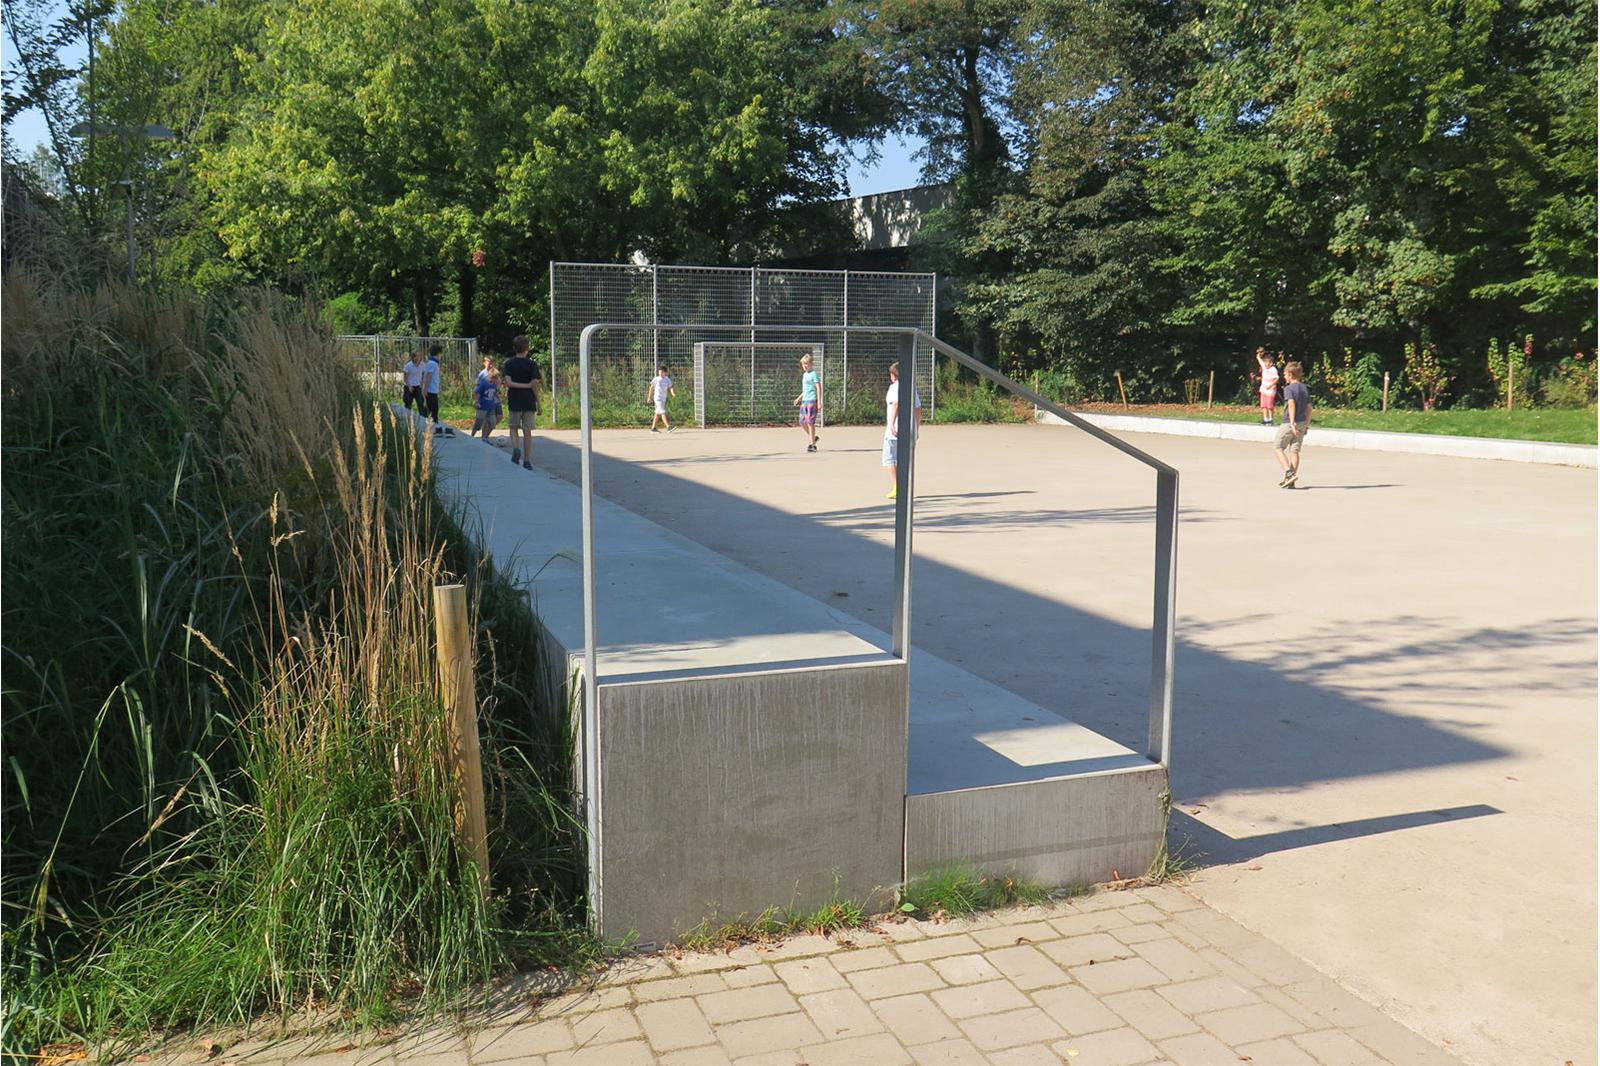 gymnasium-rahlstedt-treppe-entwurfsplan-armbruster-aussenanlagen-blzplatz-landschaftsarchitektur